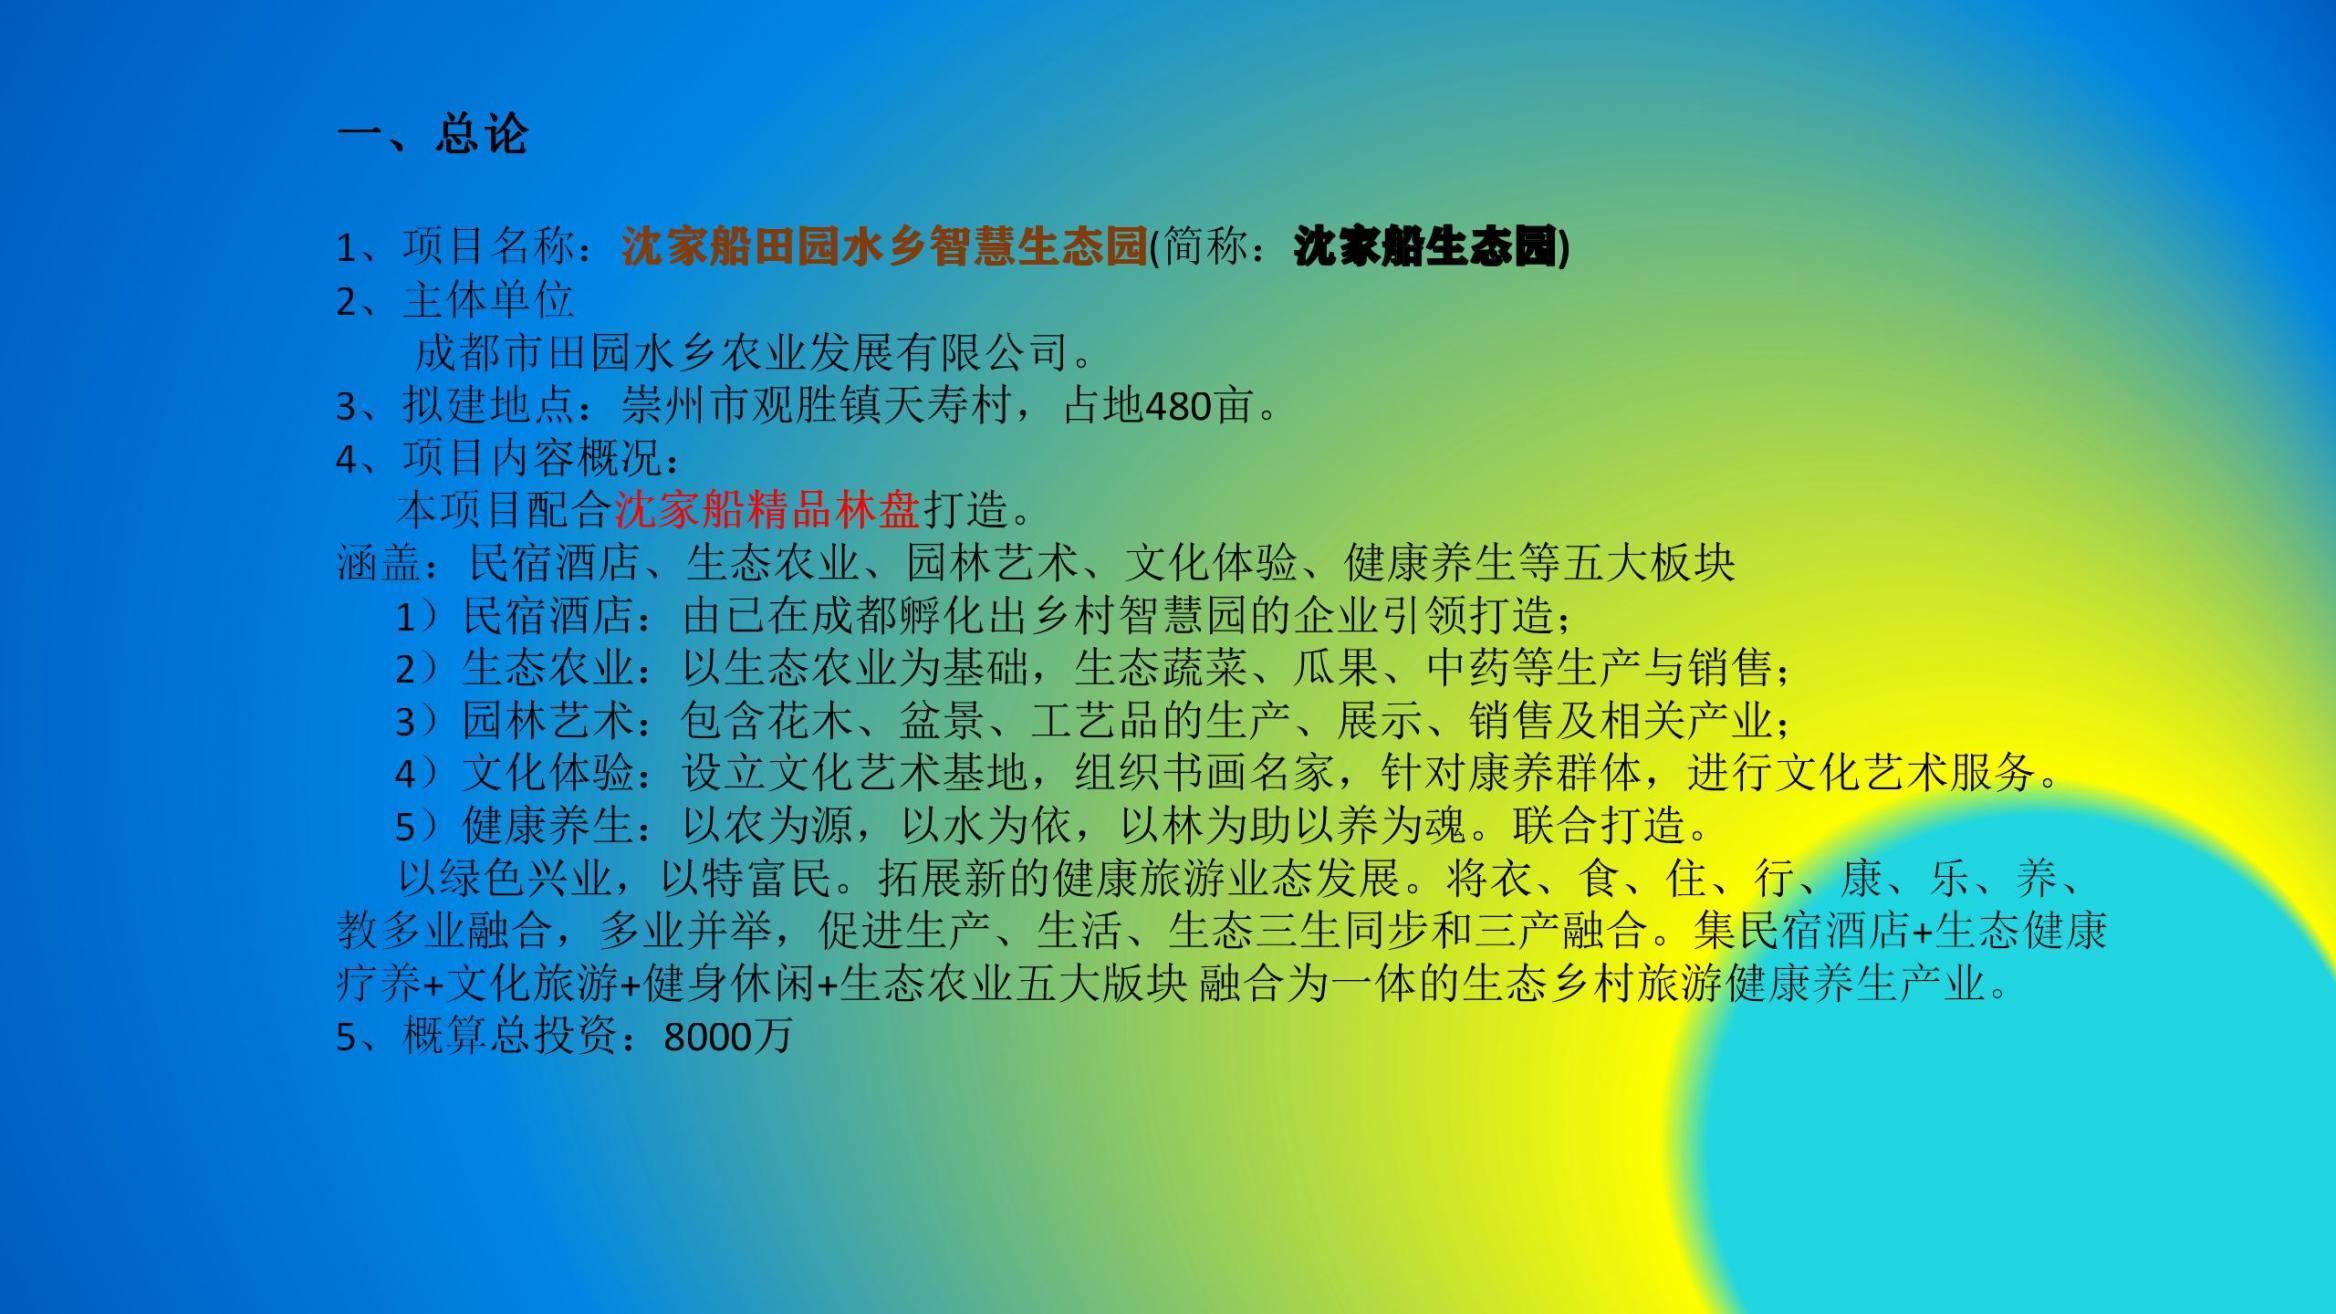 沈家船田园水乡智慧生态园 (17)